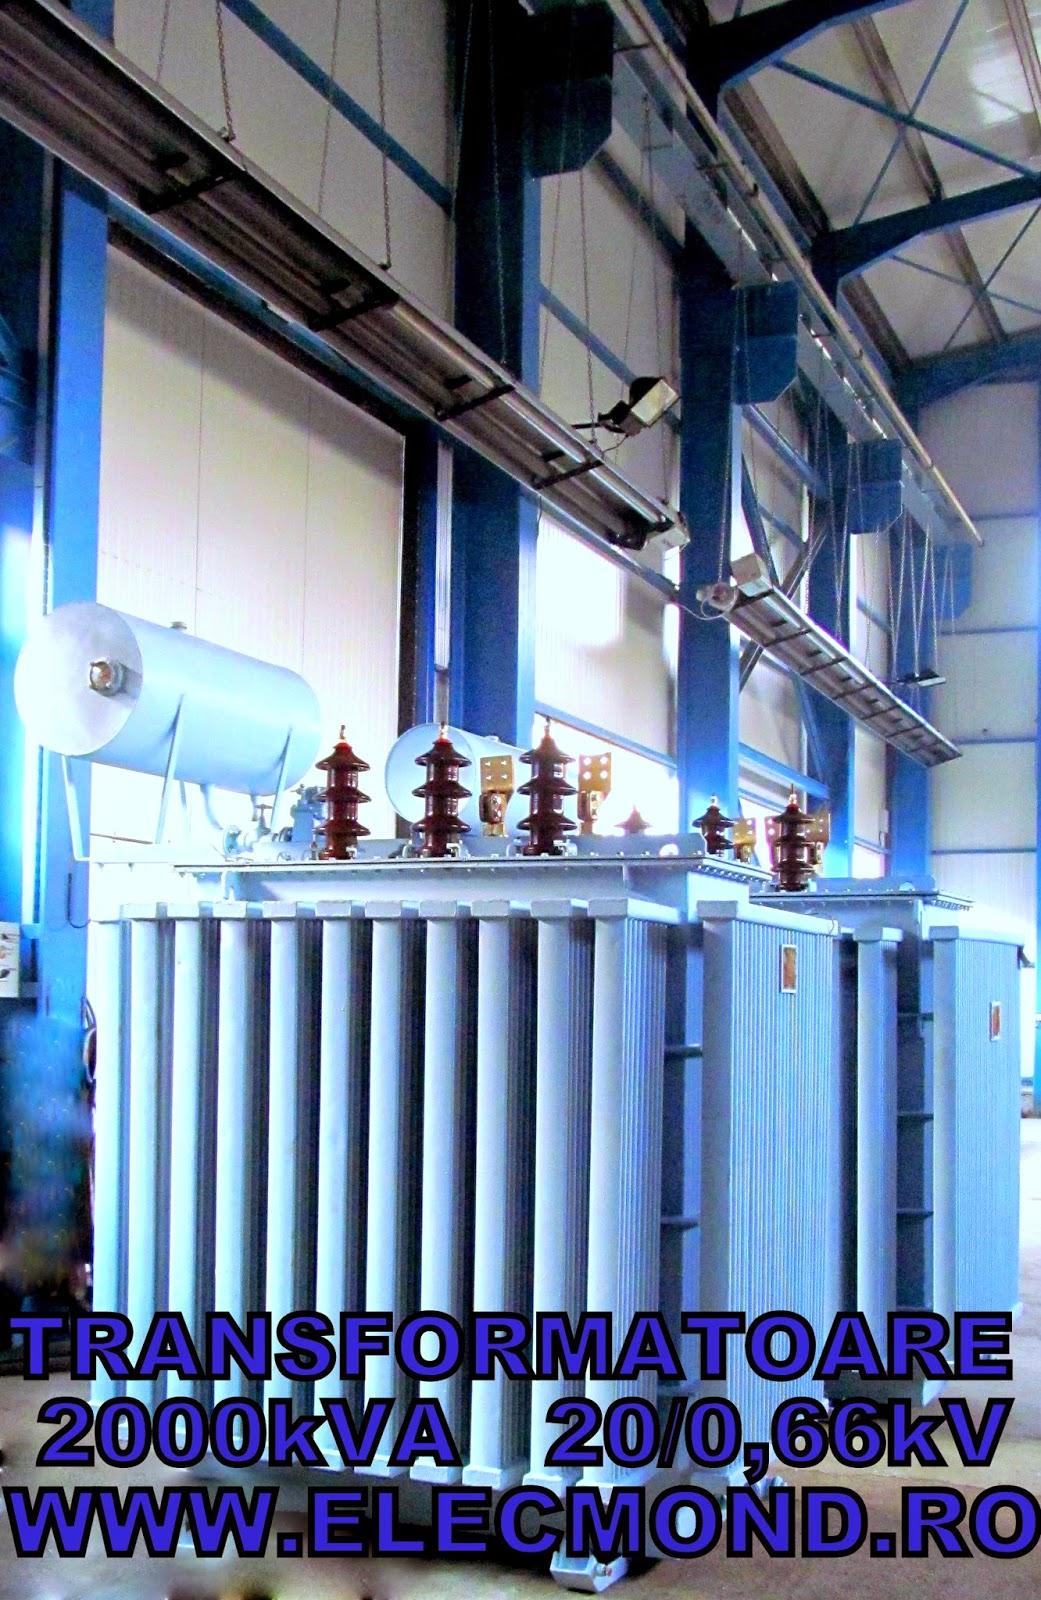 Transformatoare 2000 kVA 20/0,66kV , transformator 2 MVA 20/0,66kV  , transformatoare Elecmond Electric , trafo 2 MVA , transformatoare 2000 kVA , ELECMOND